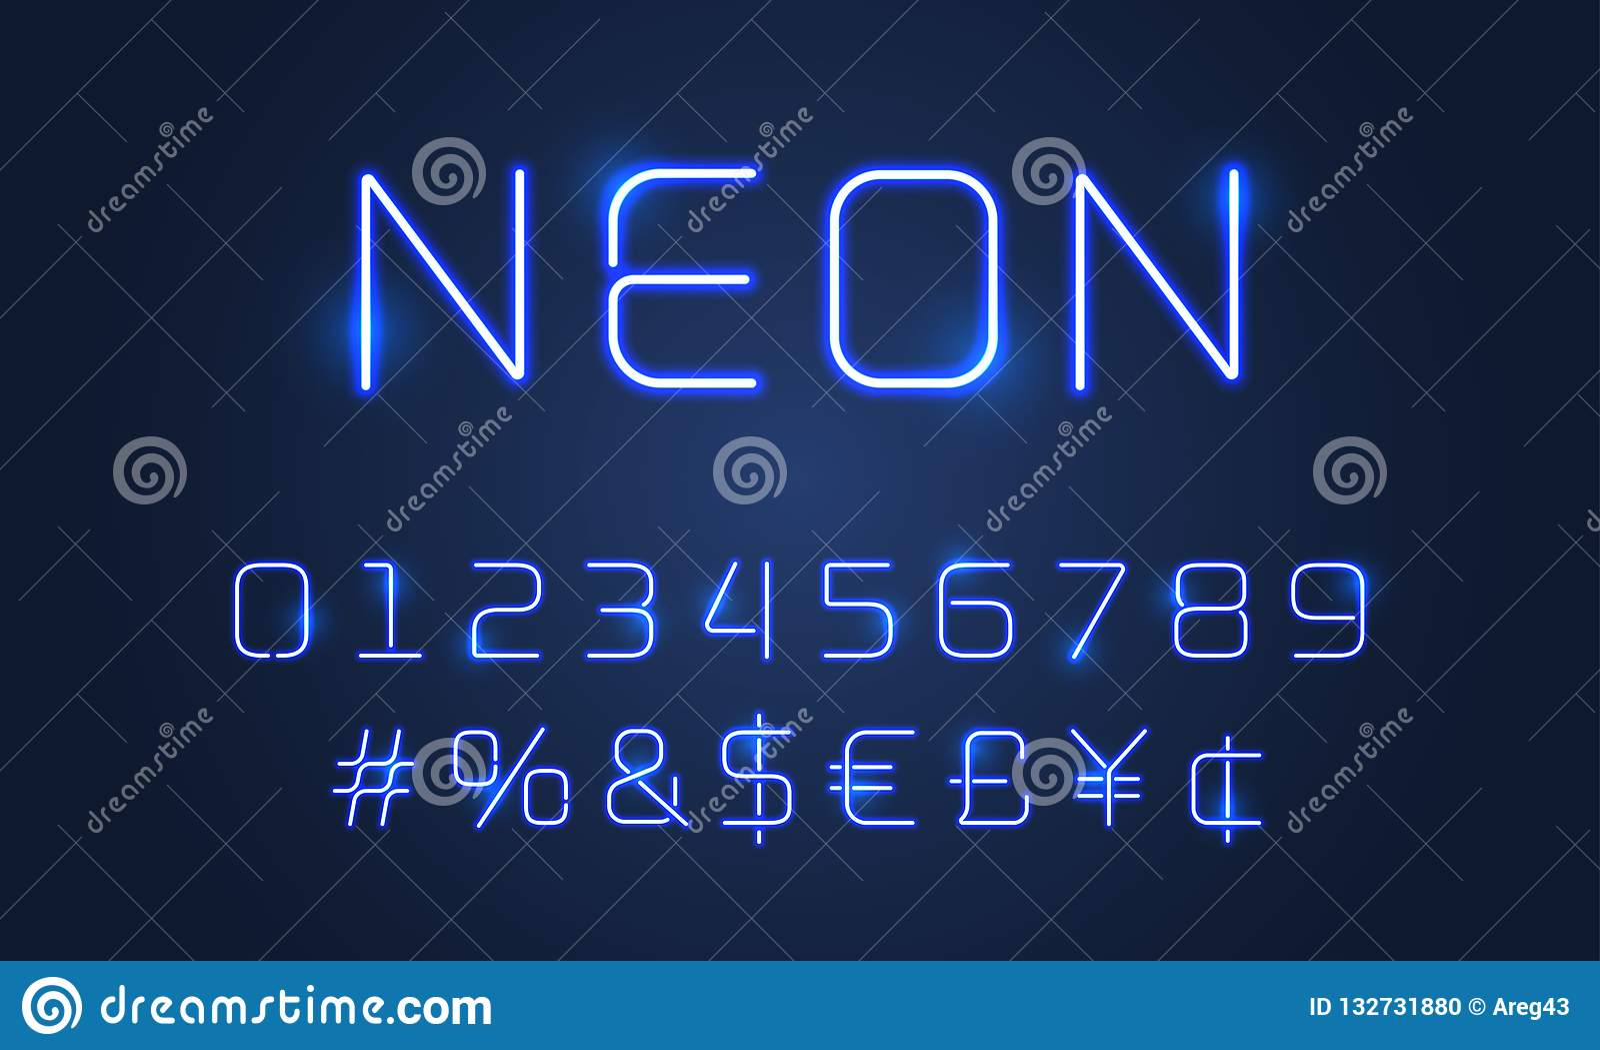 Ελαφριοί αριθμοί αλφάβητου πηγών νέου, ειδικά σύμβολα Διανυσματική μπλε πηγή αλφάβητου πυράκτωσης σωλήνων νέου με το σημάδι hasht